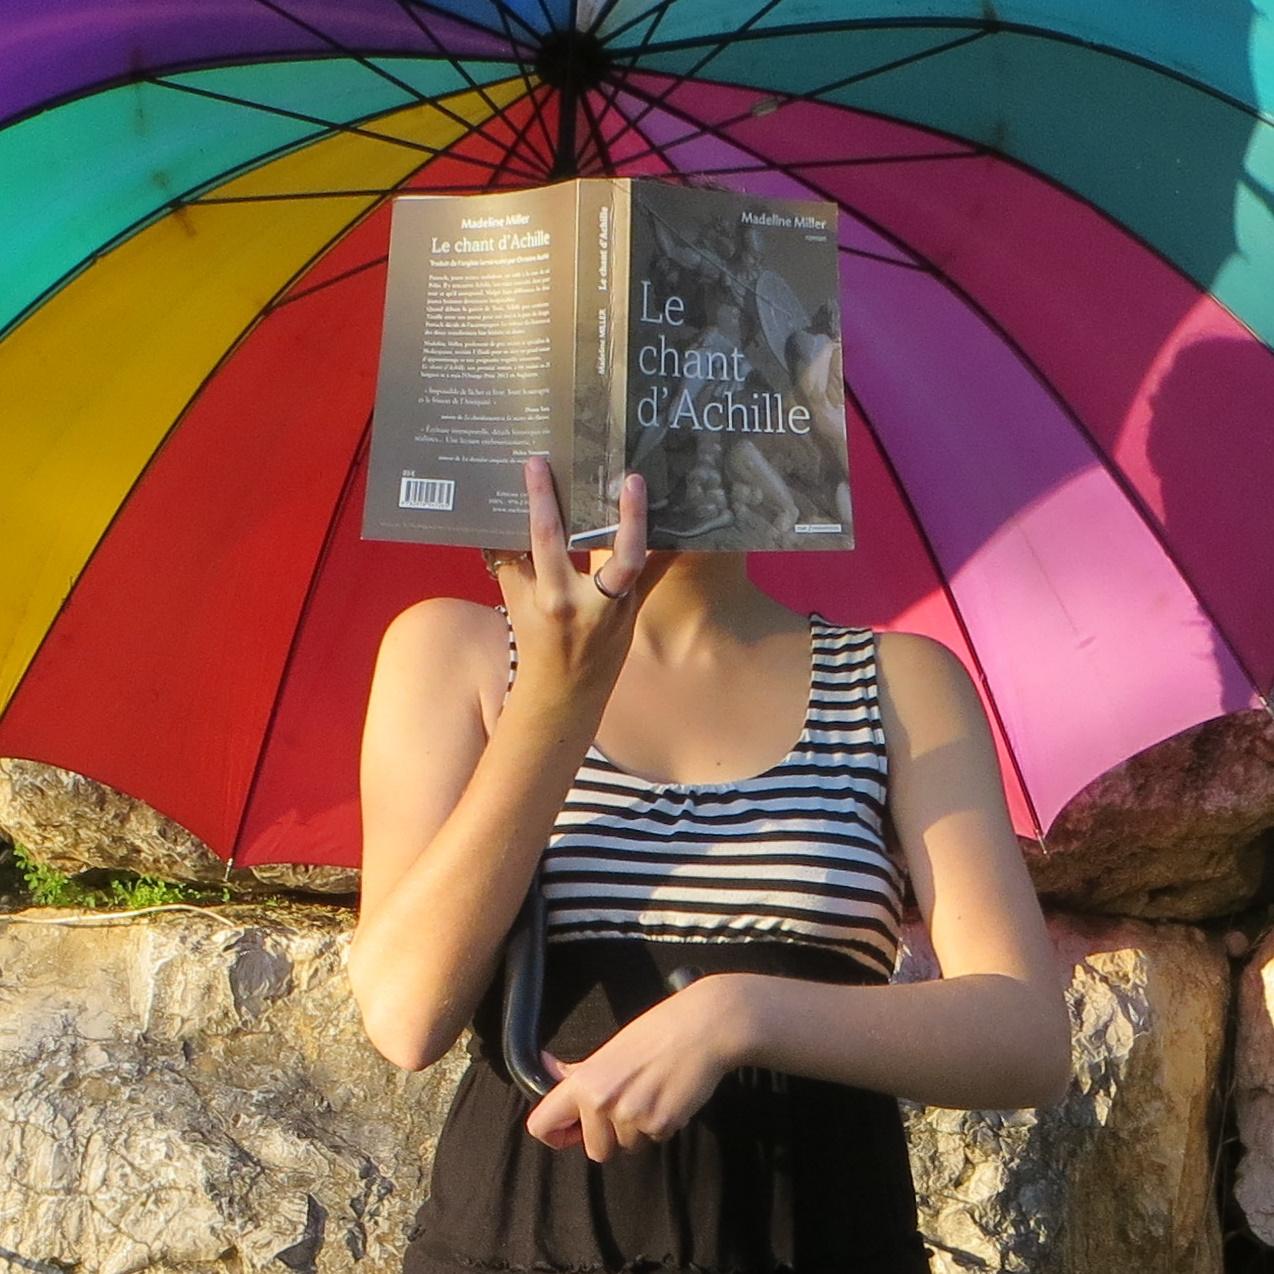 femme en robe noire et blanche avec un parapluie arc-en-ciel lisant Le Chant d'Achille devant un mur de pierre